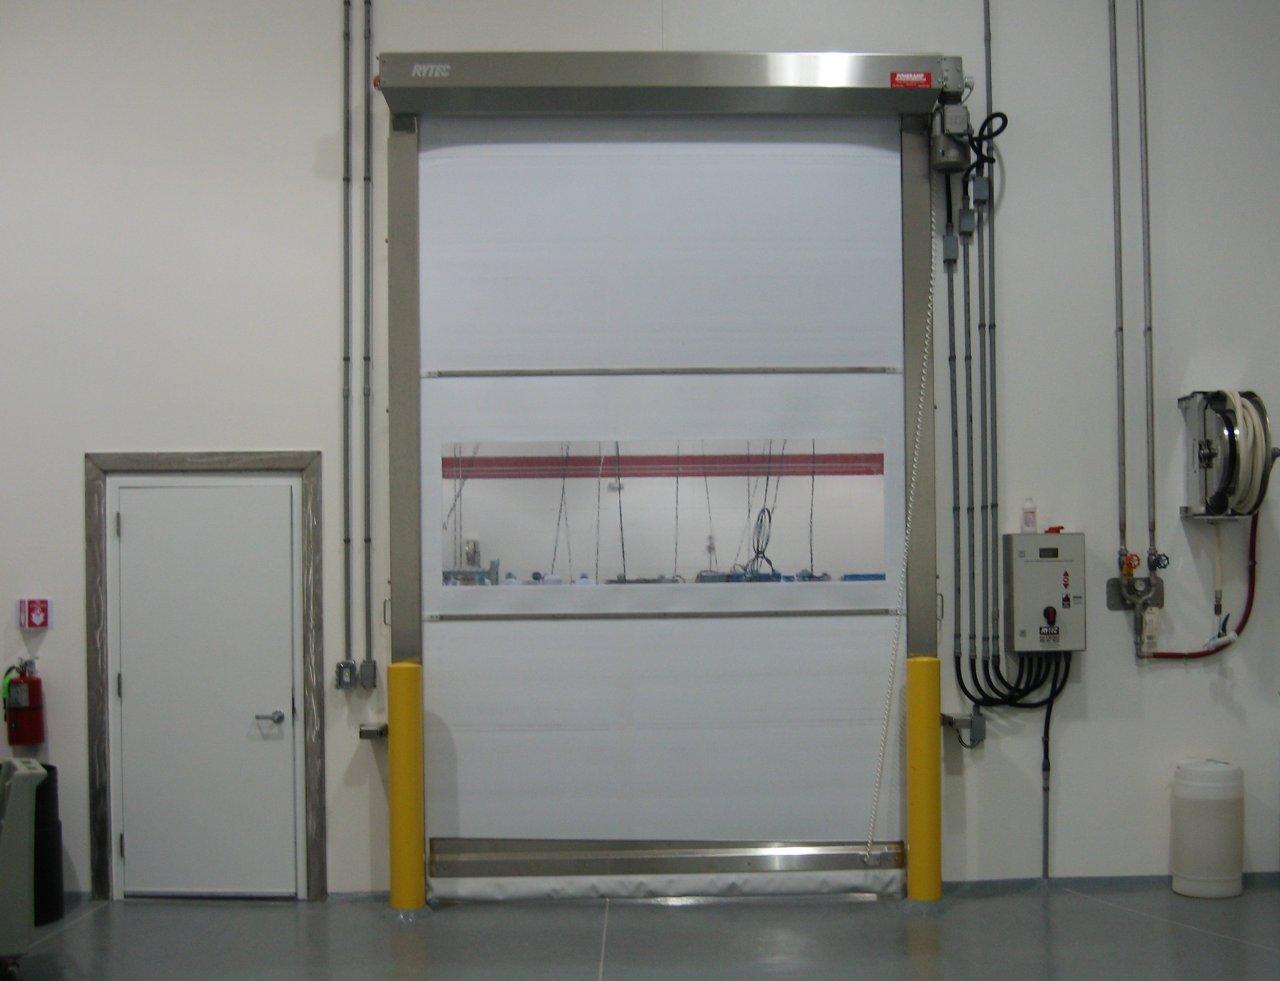 Rytec CR5000 Clean Roll Door